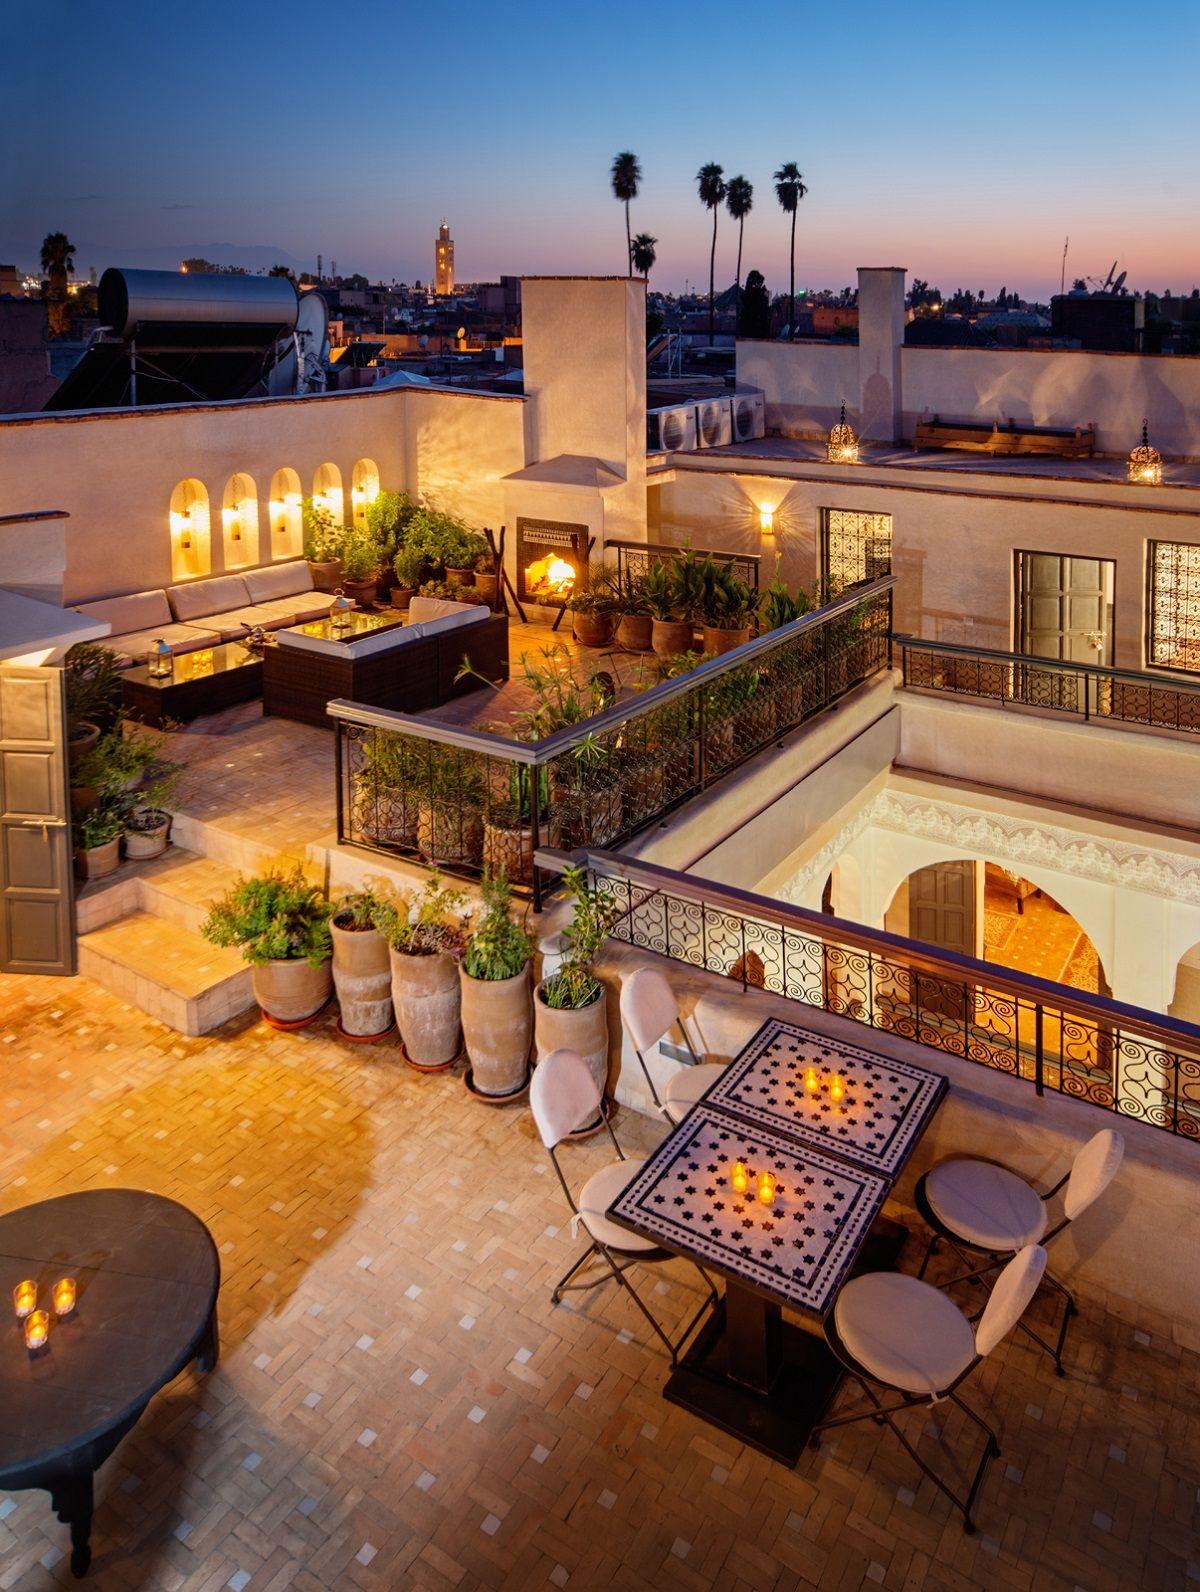 Rooftop Designs, Rooftop Decor, Rooftop Garden, Rooftop Terrace, Rooftop  Patios, Rooftop